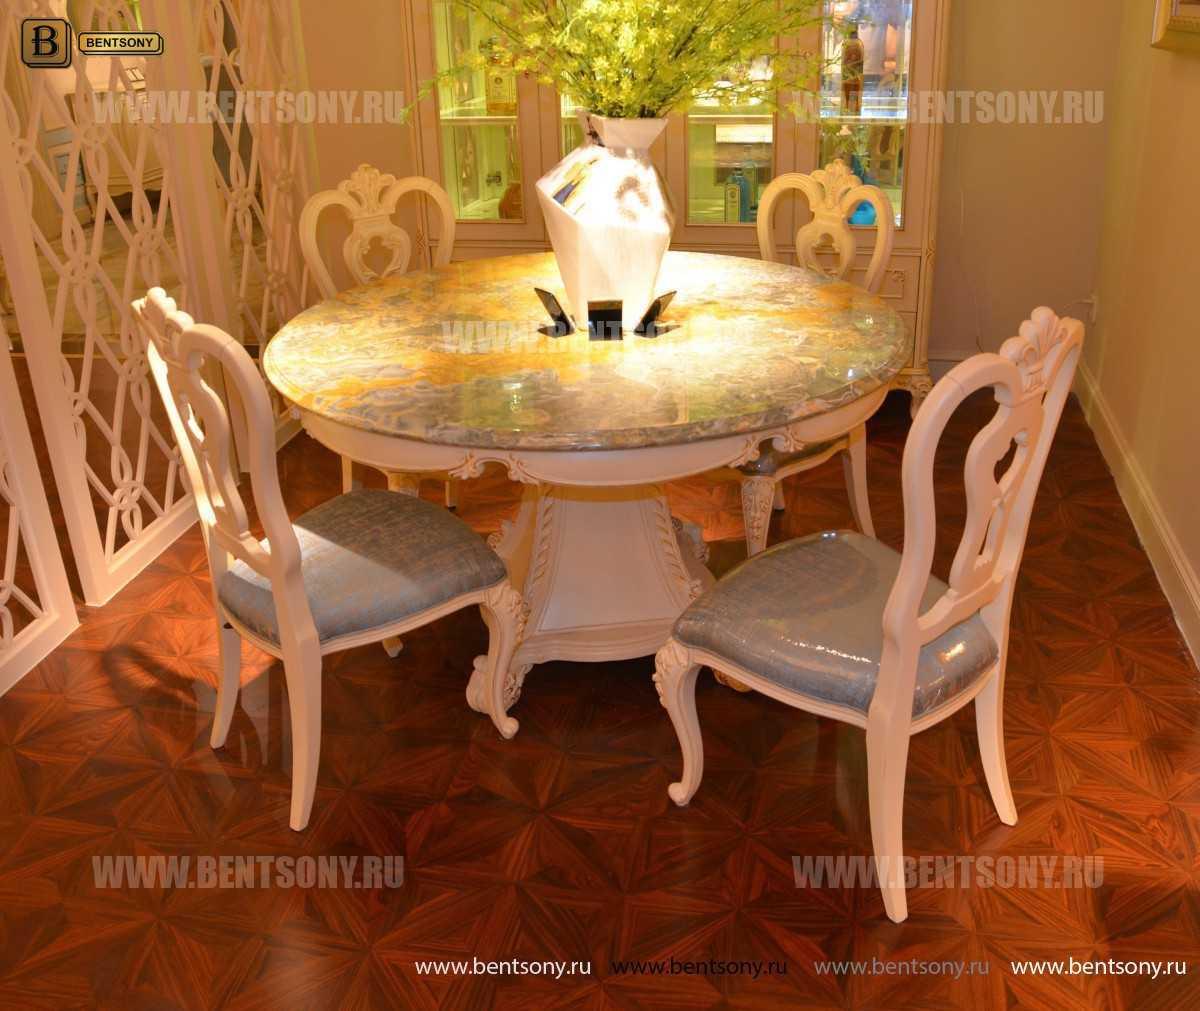 Стол обеденный круглый Митчел (Классика, мраморная столешница) распродажа